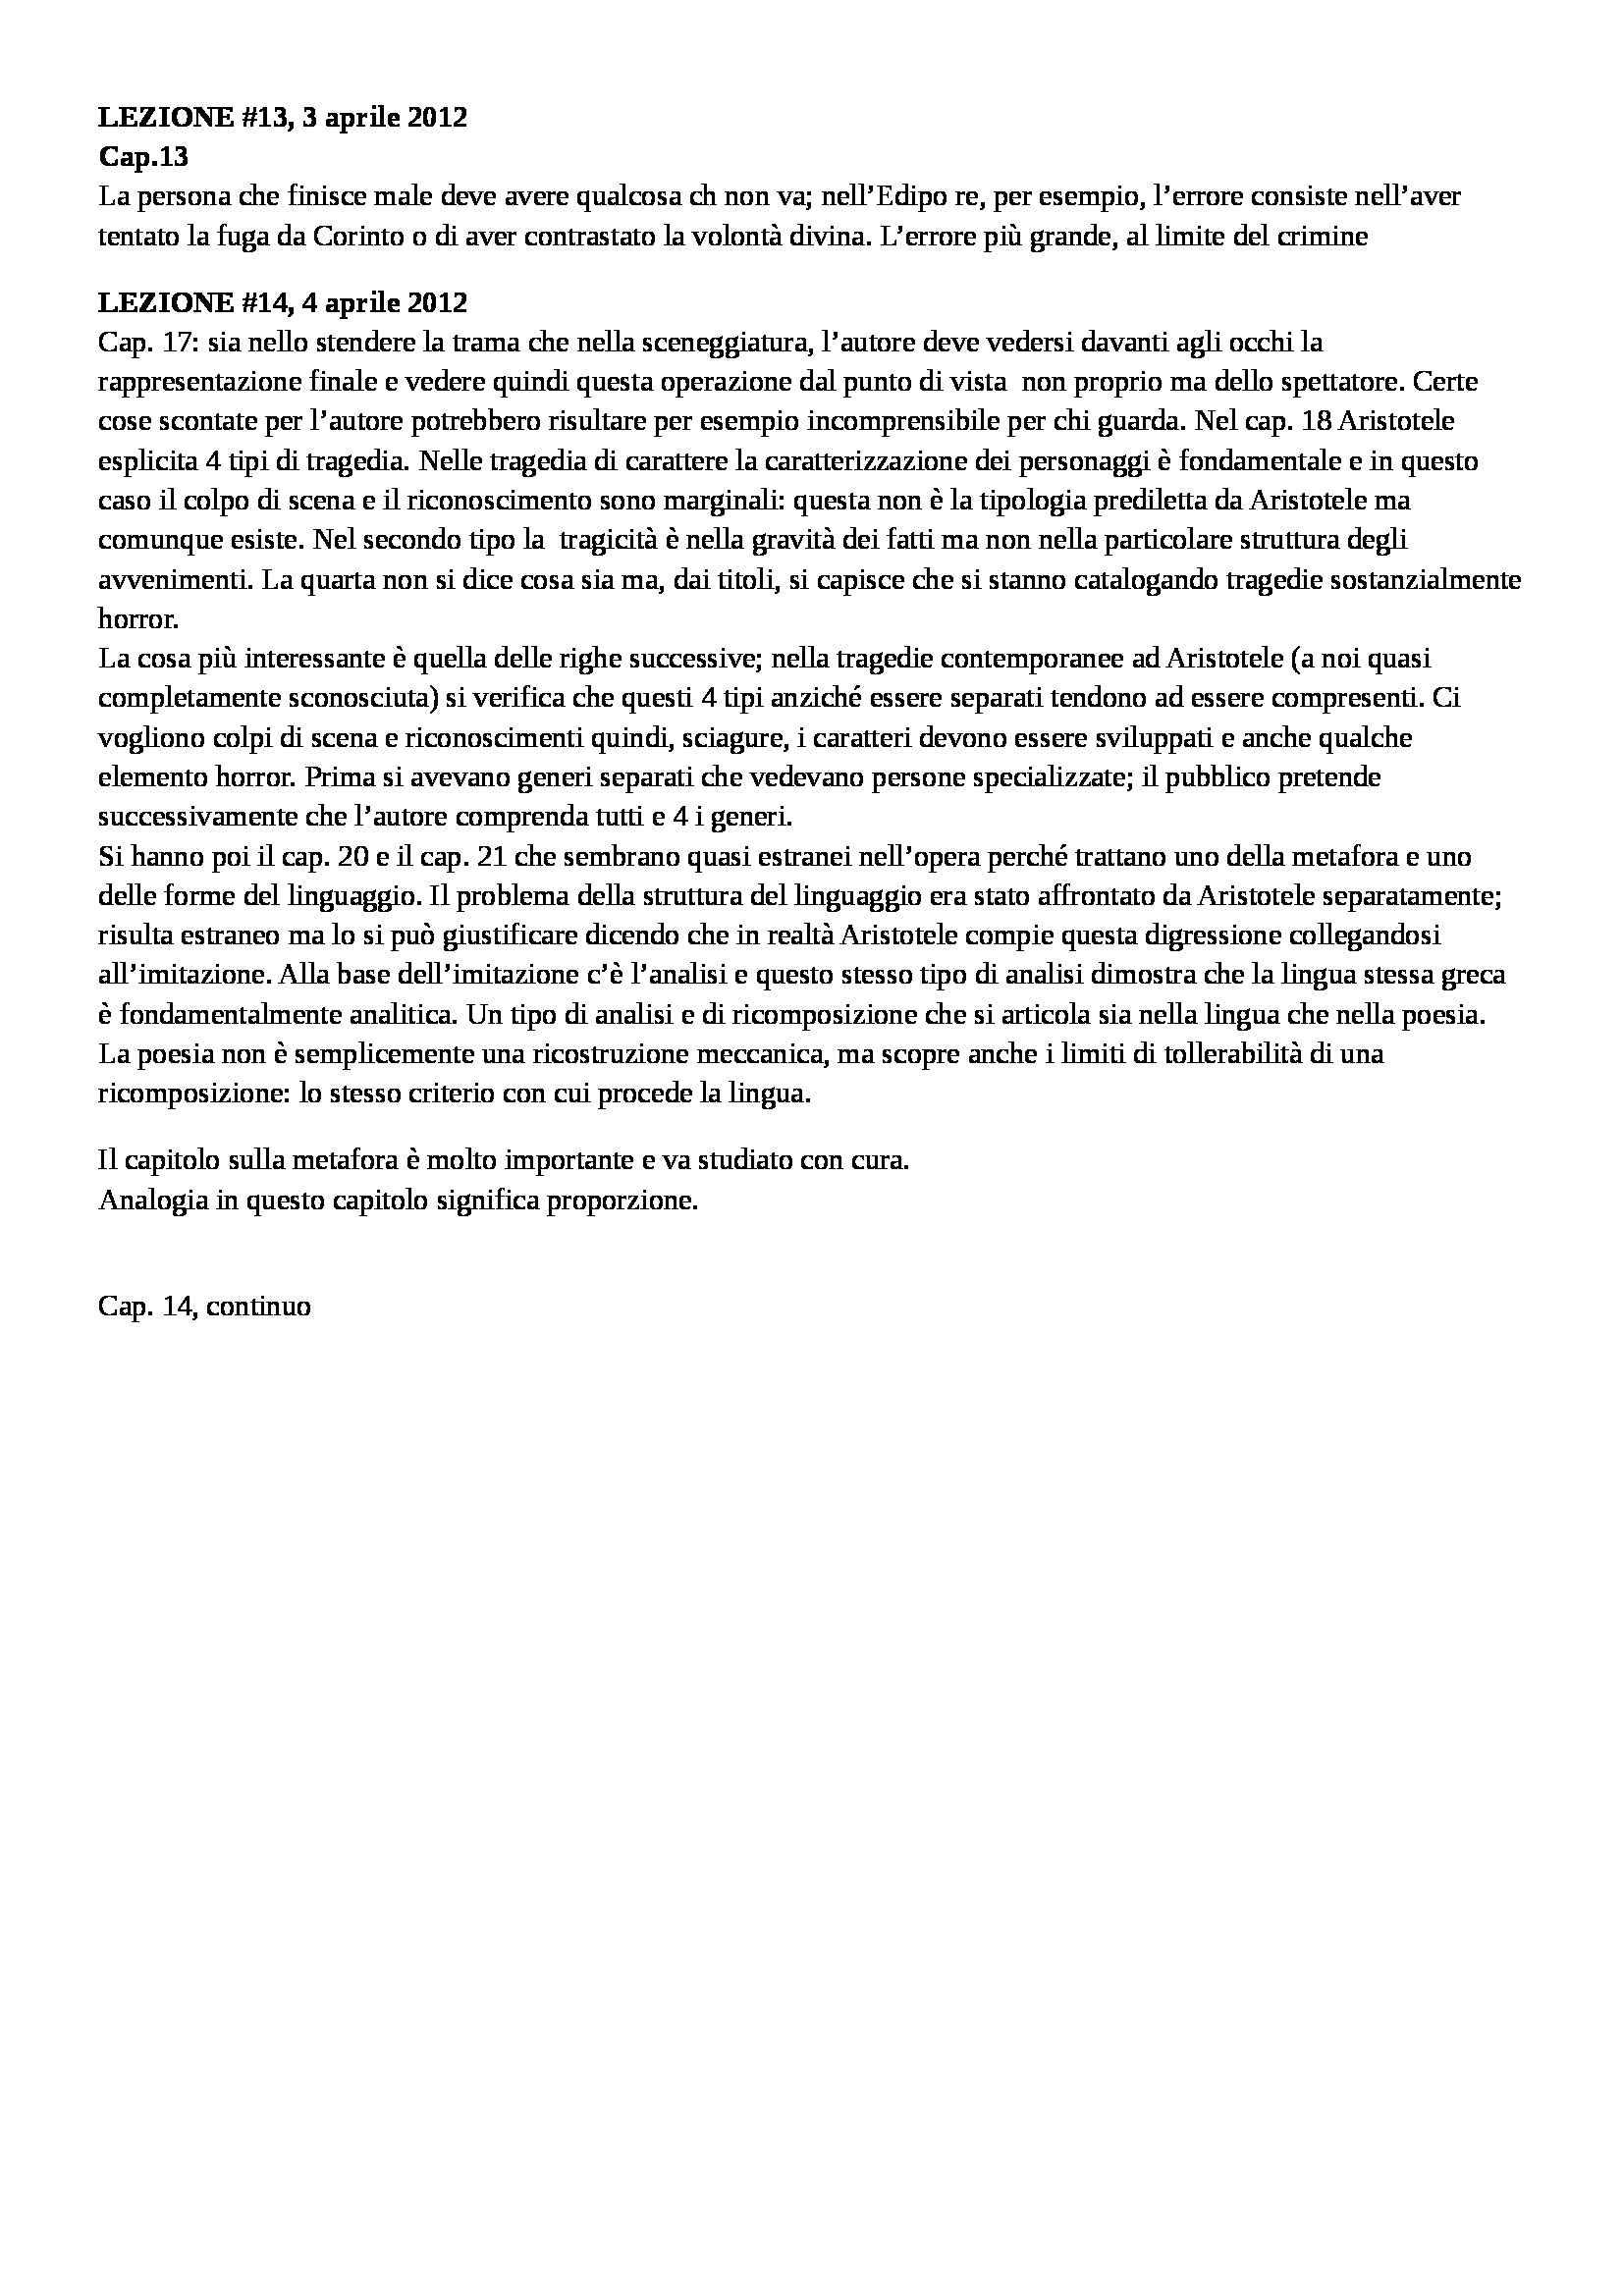 Filologia classica - Appunti delle lezioni Pag. 11